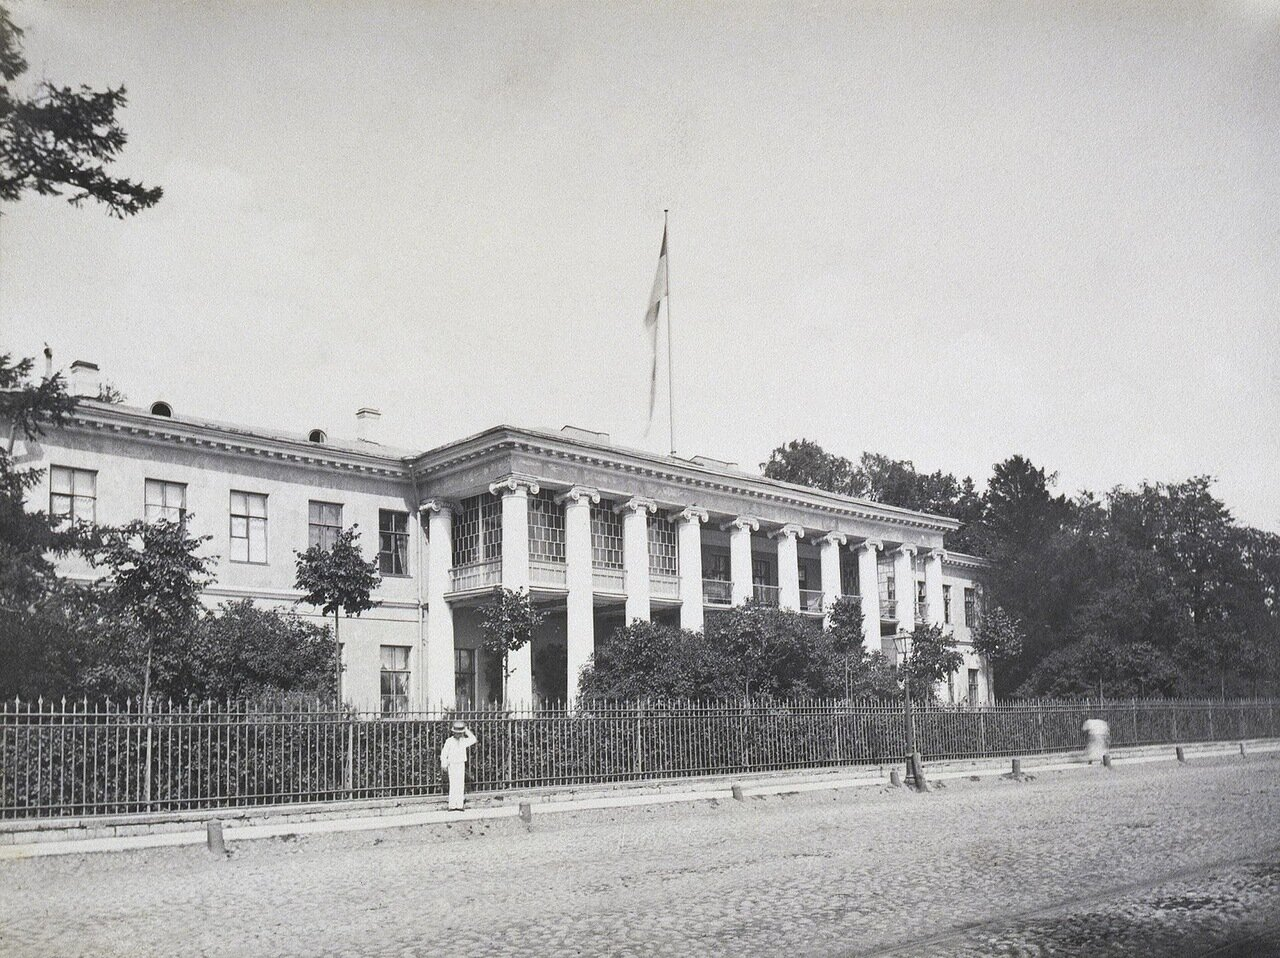 Фасад дачи П.П. Дурново на Полюстровской набережной